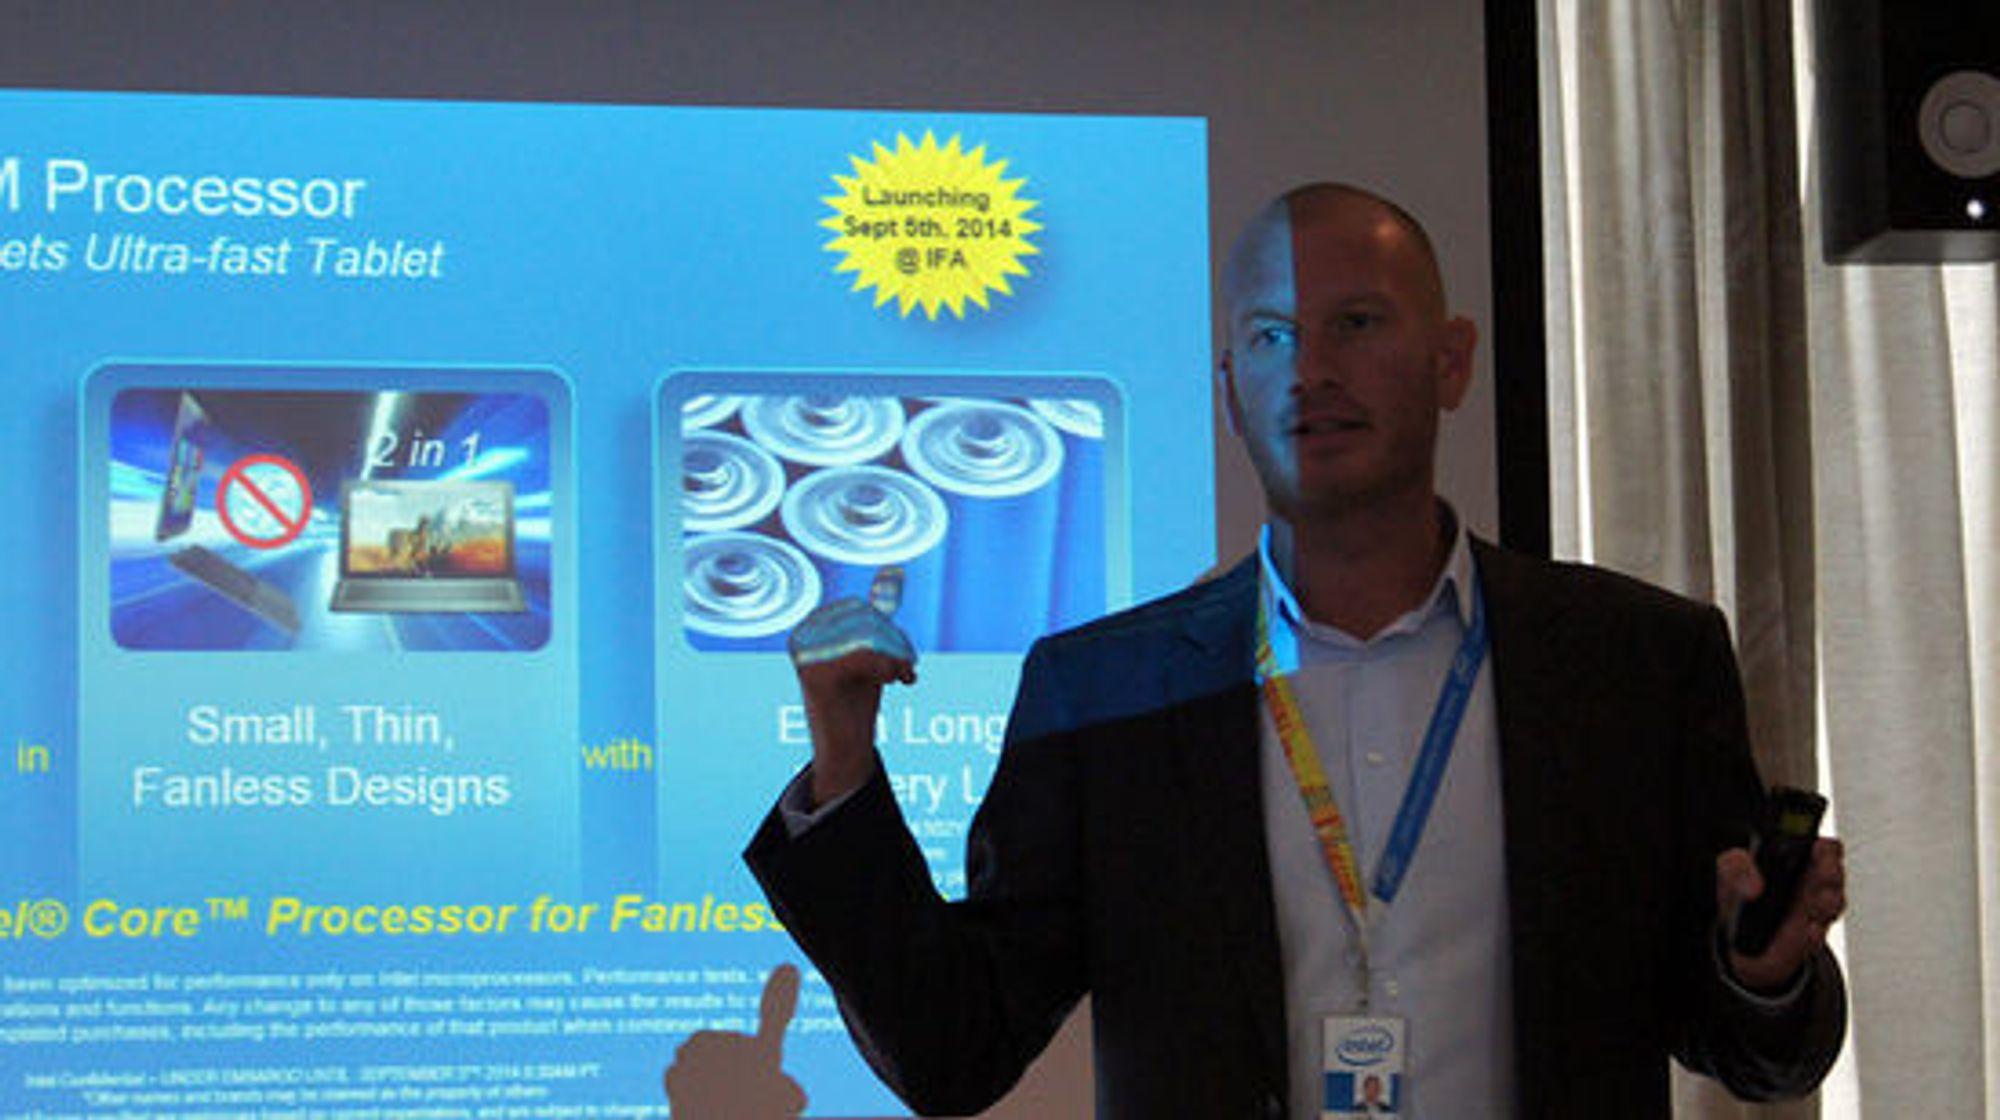 Vifteløst er et viktig stikkord for Intels Thor Dahlstedt.